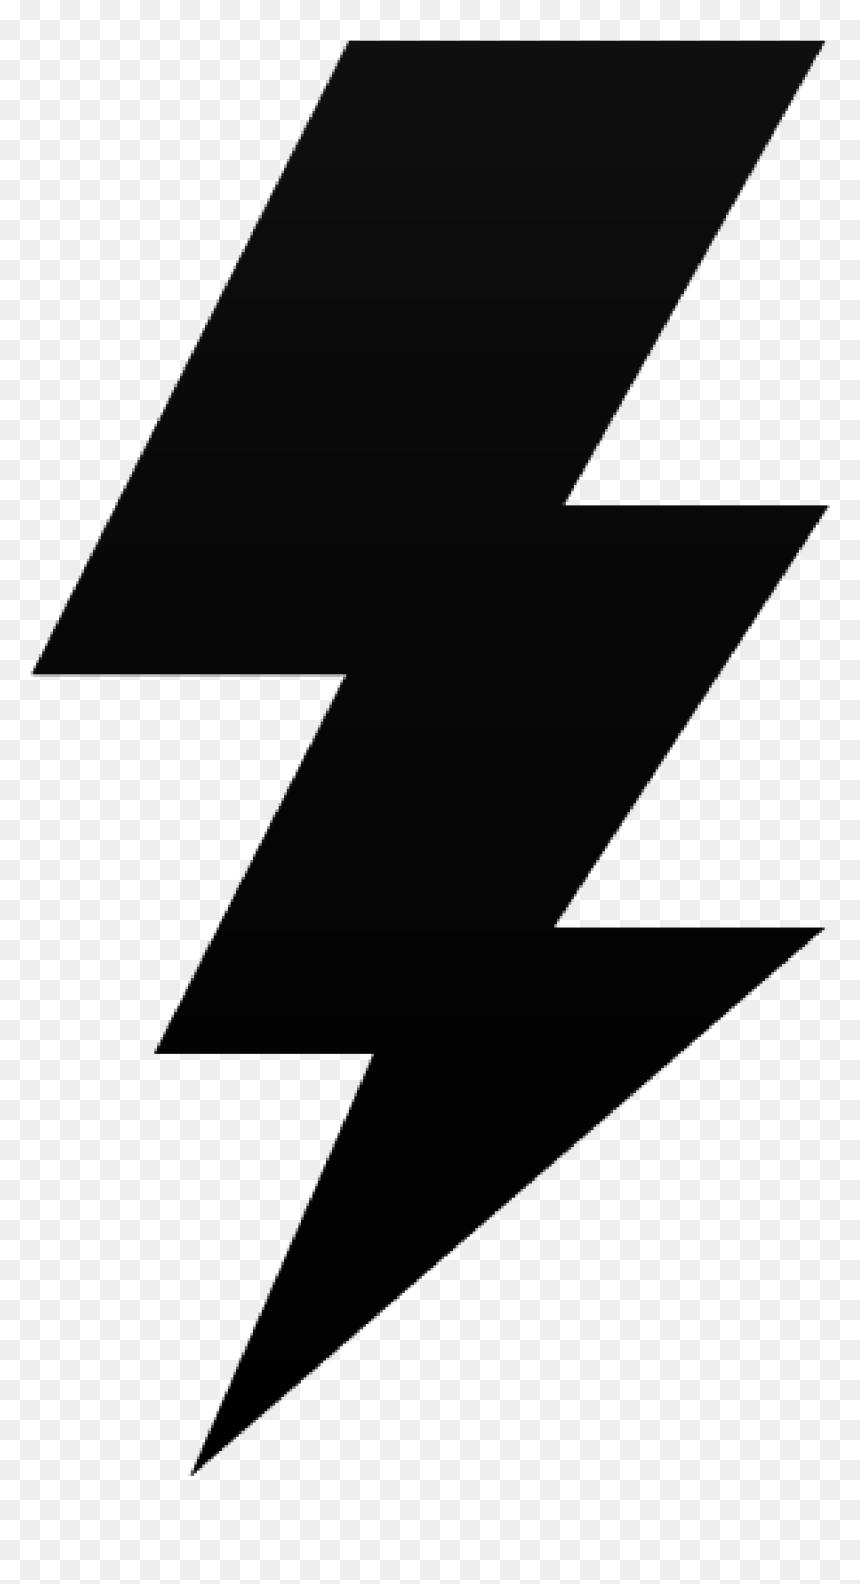 Maroon Lightning Bolt Hd Png Download Vhv